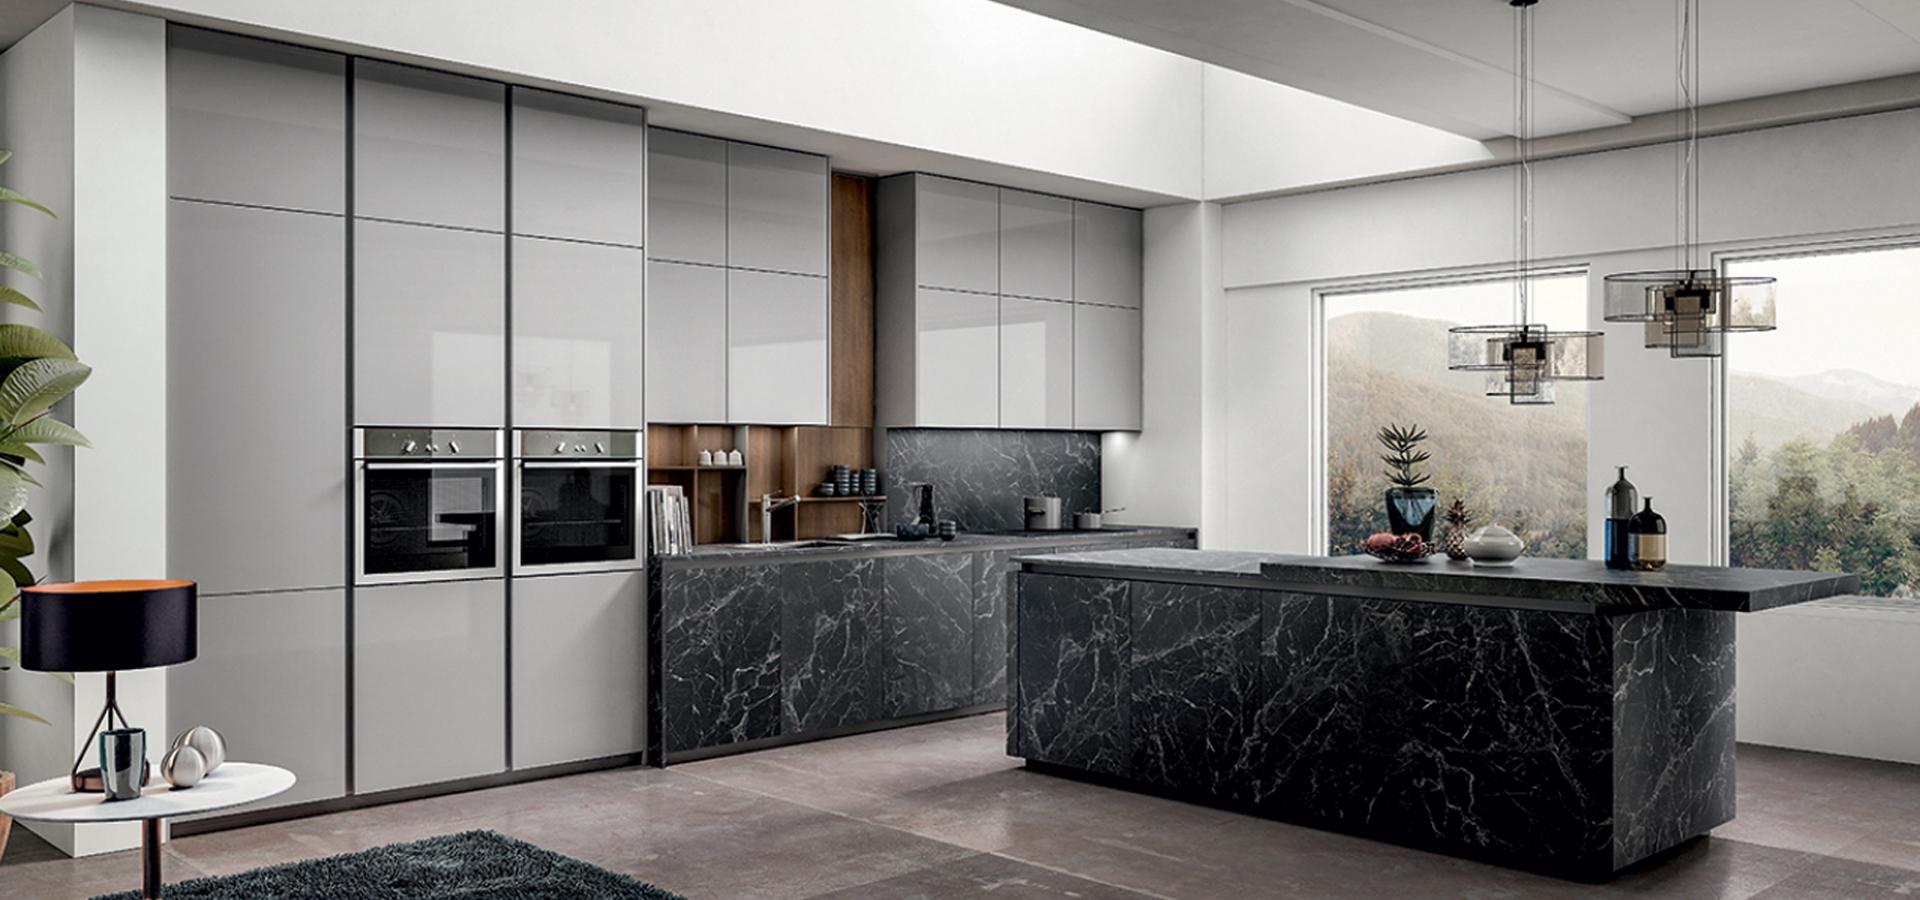 Arredo3 cucina zetasei 5 moderna design componibile angolo for Arredo cucina design